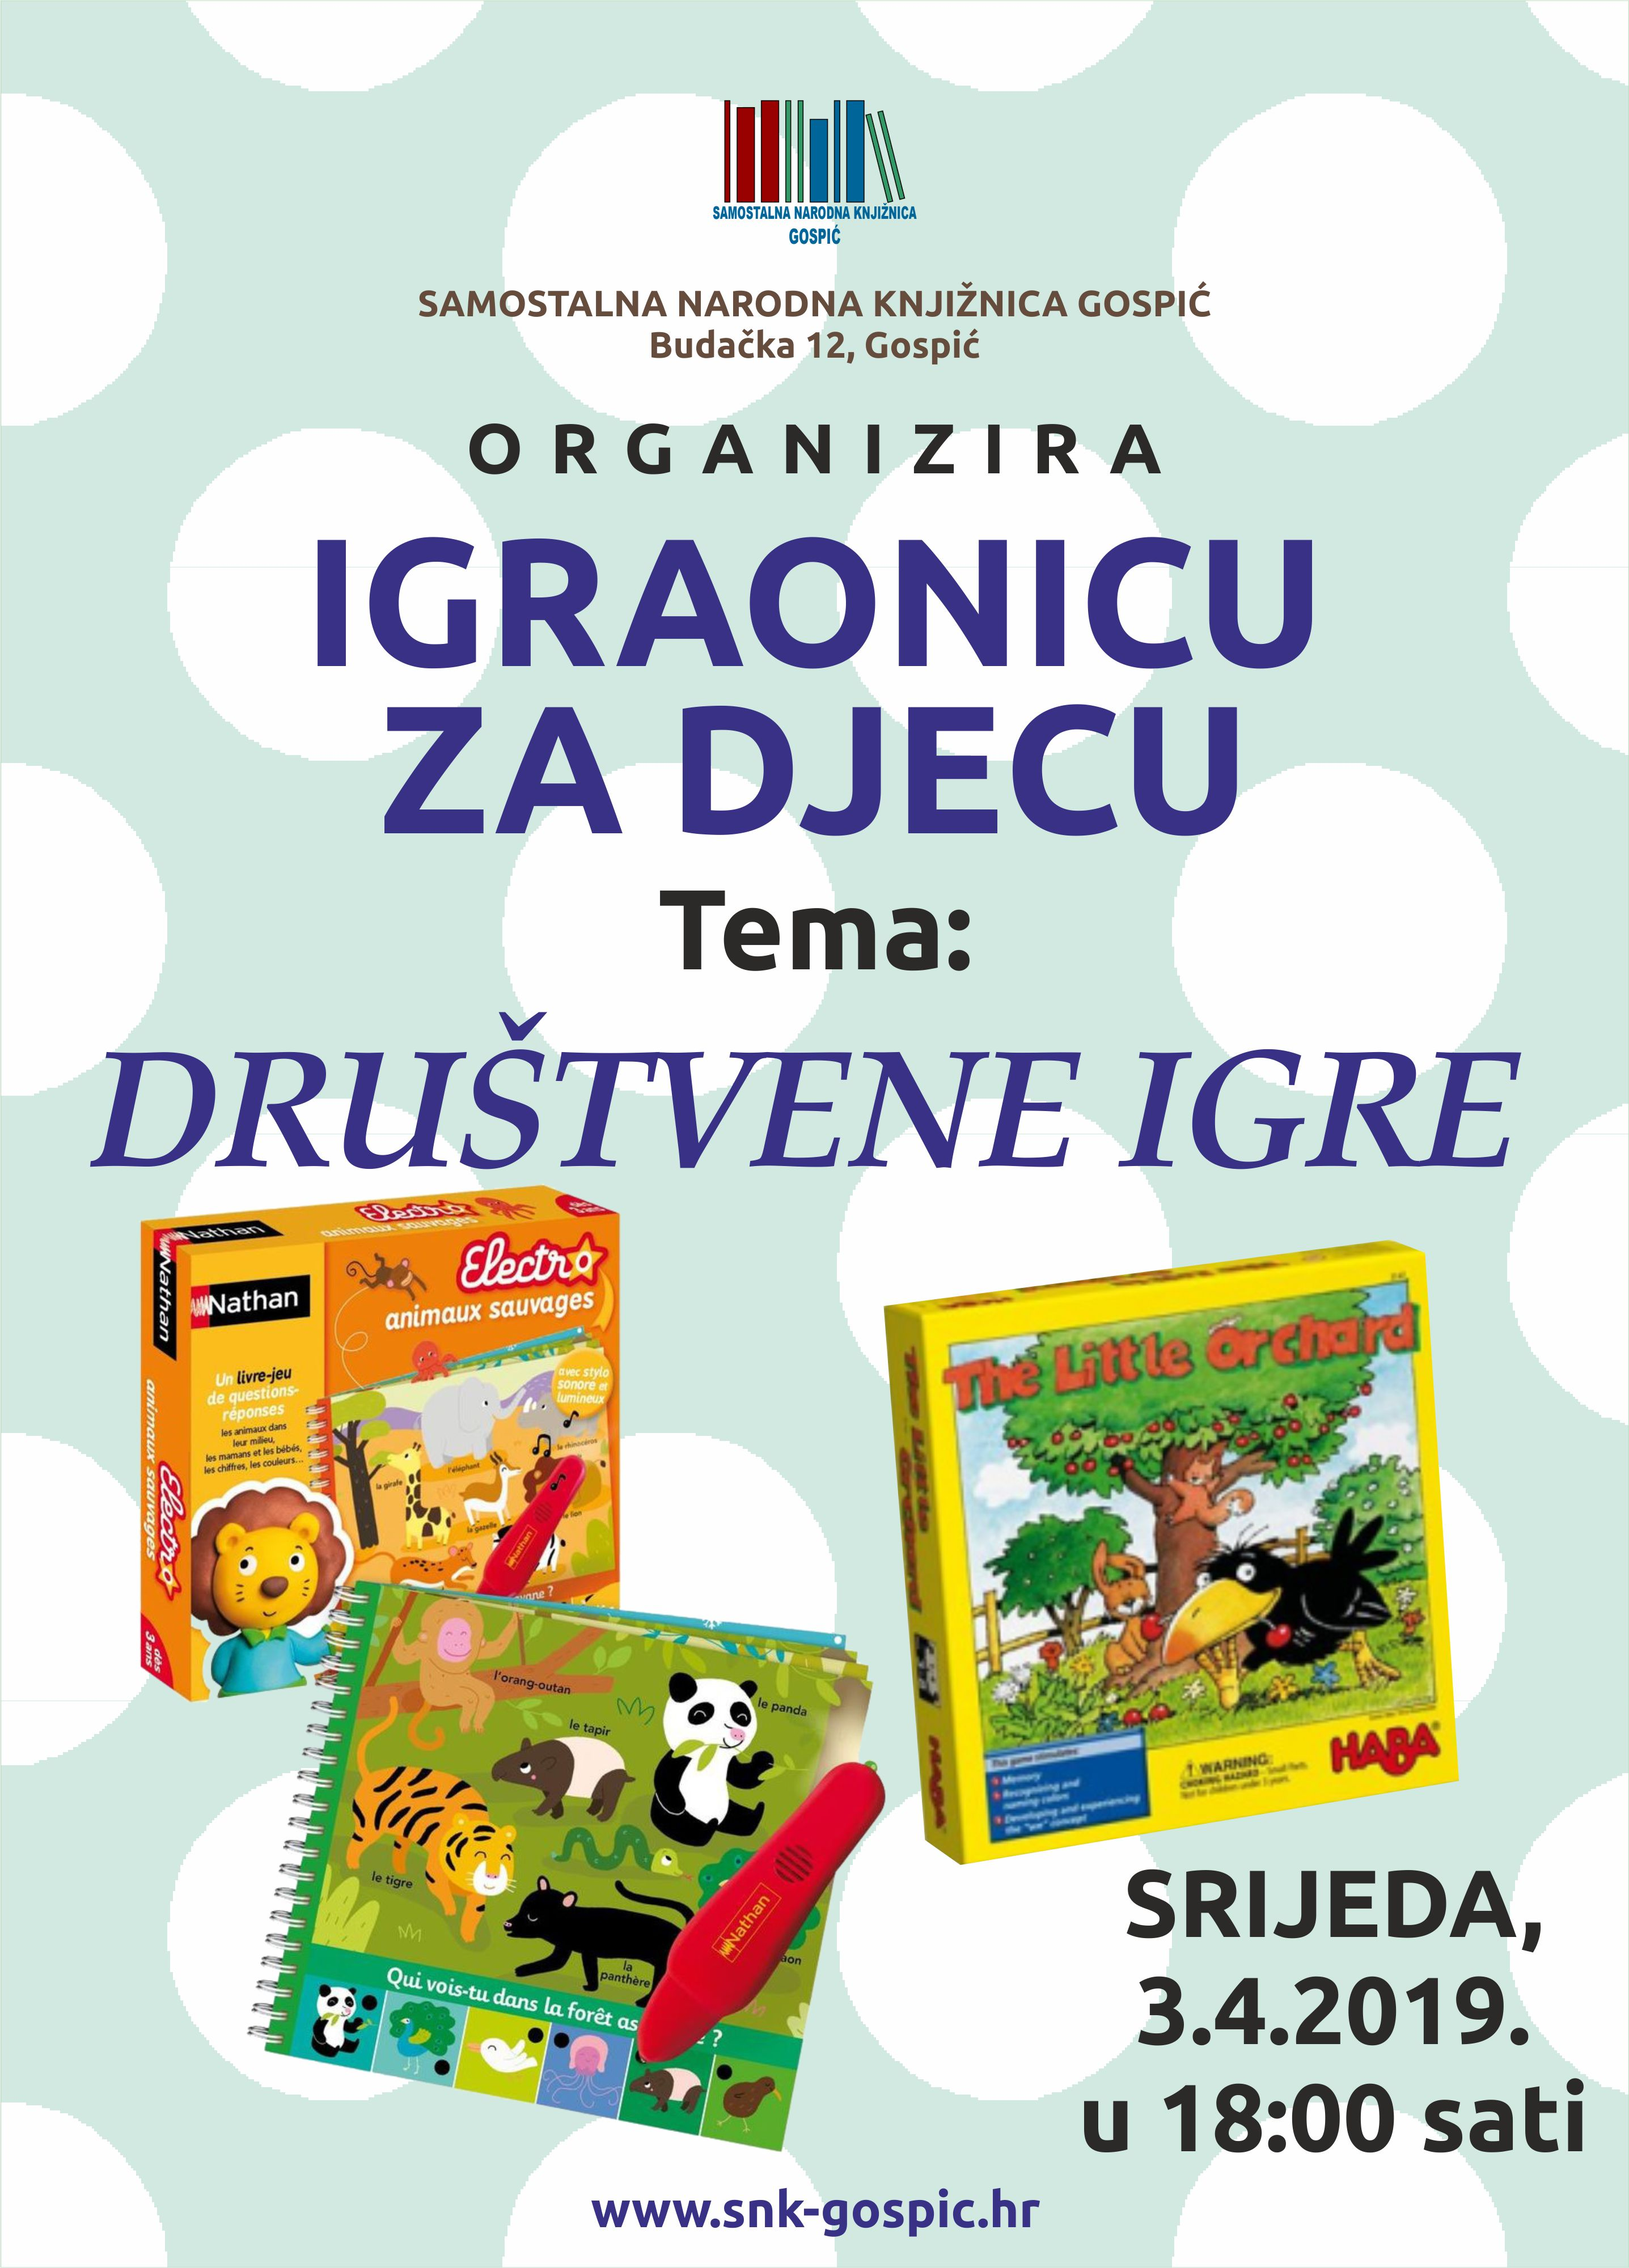 DRUŠTVENE IGRE – 03.04.2019.